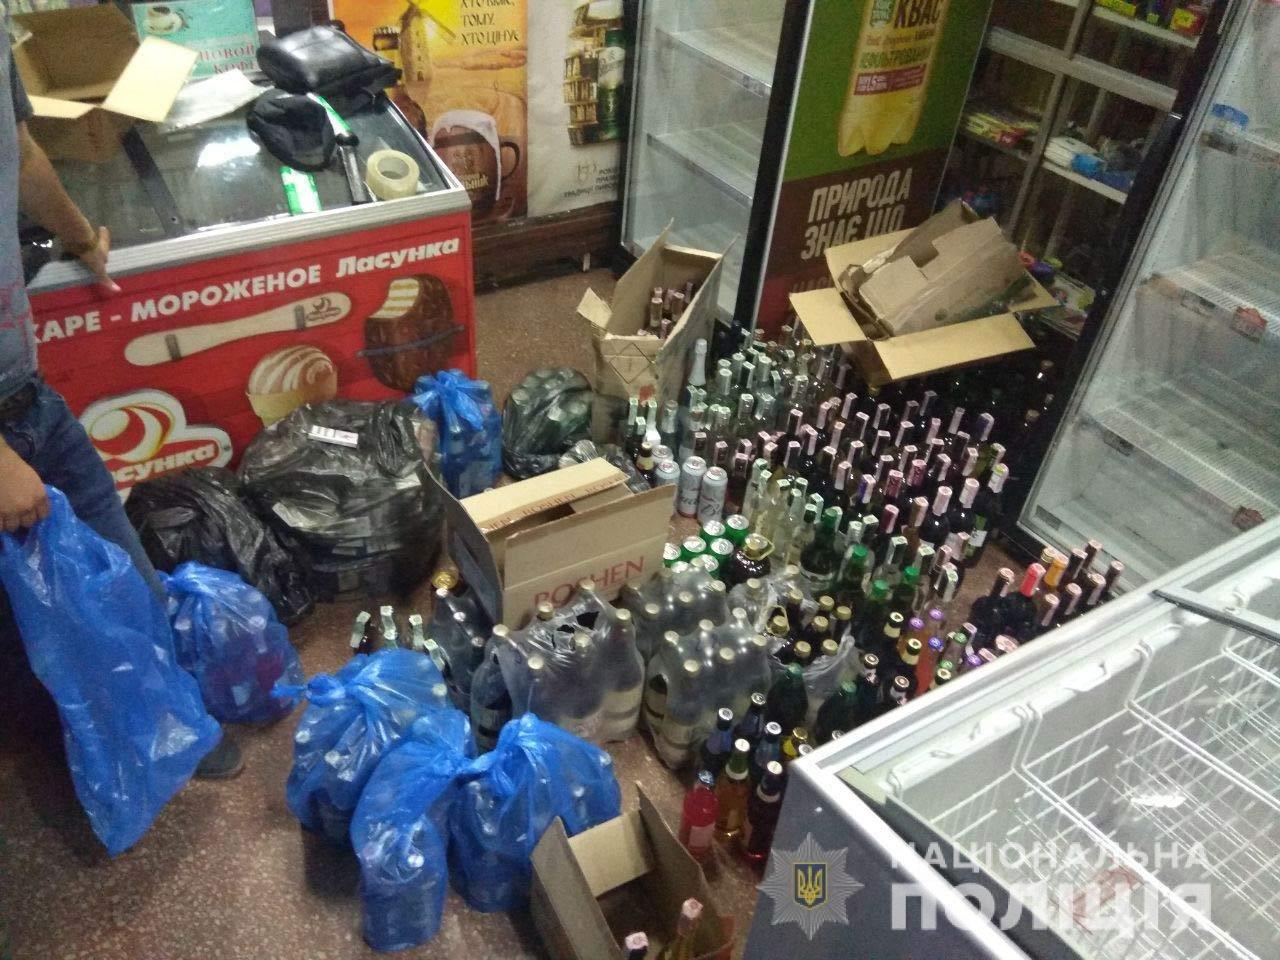 В Днепре у магазина без лицензии изъяли больше полтысячи бутылок алкоголя, - ФОТО, фото-3